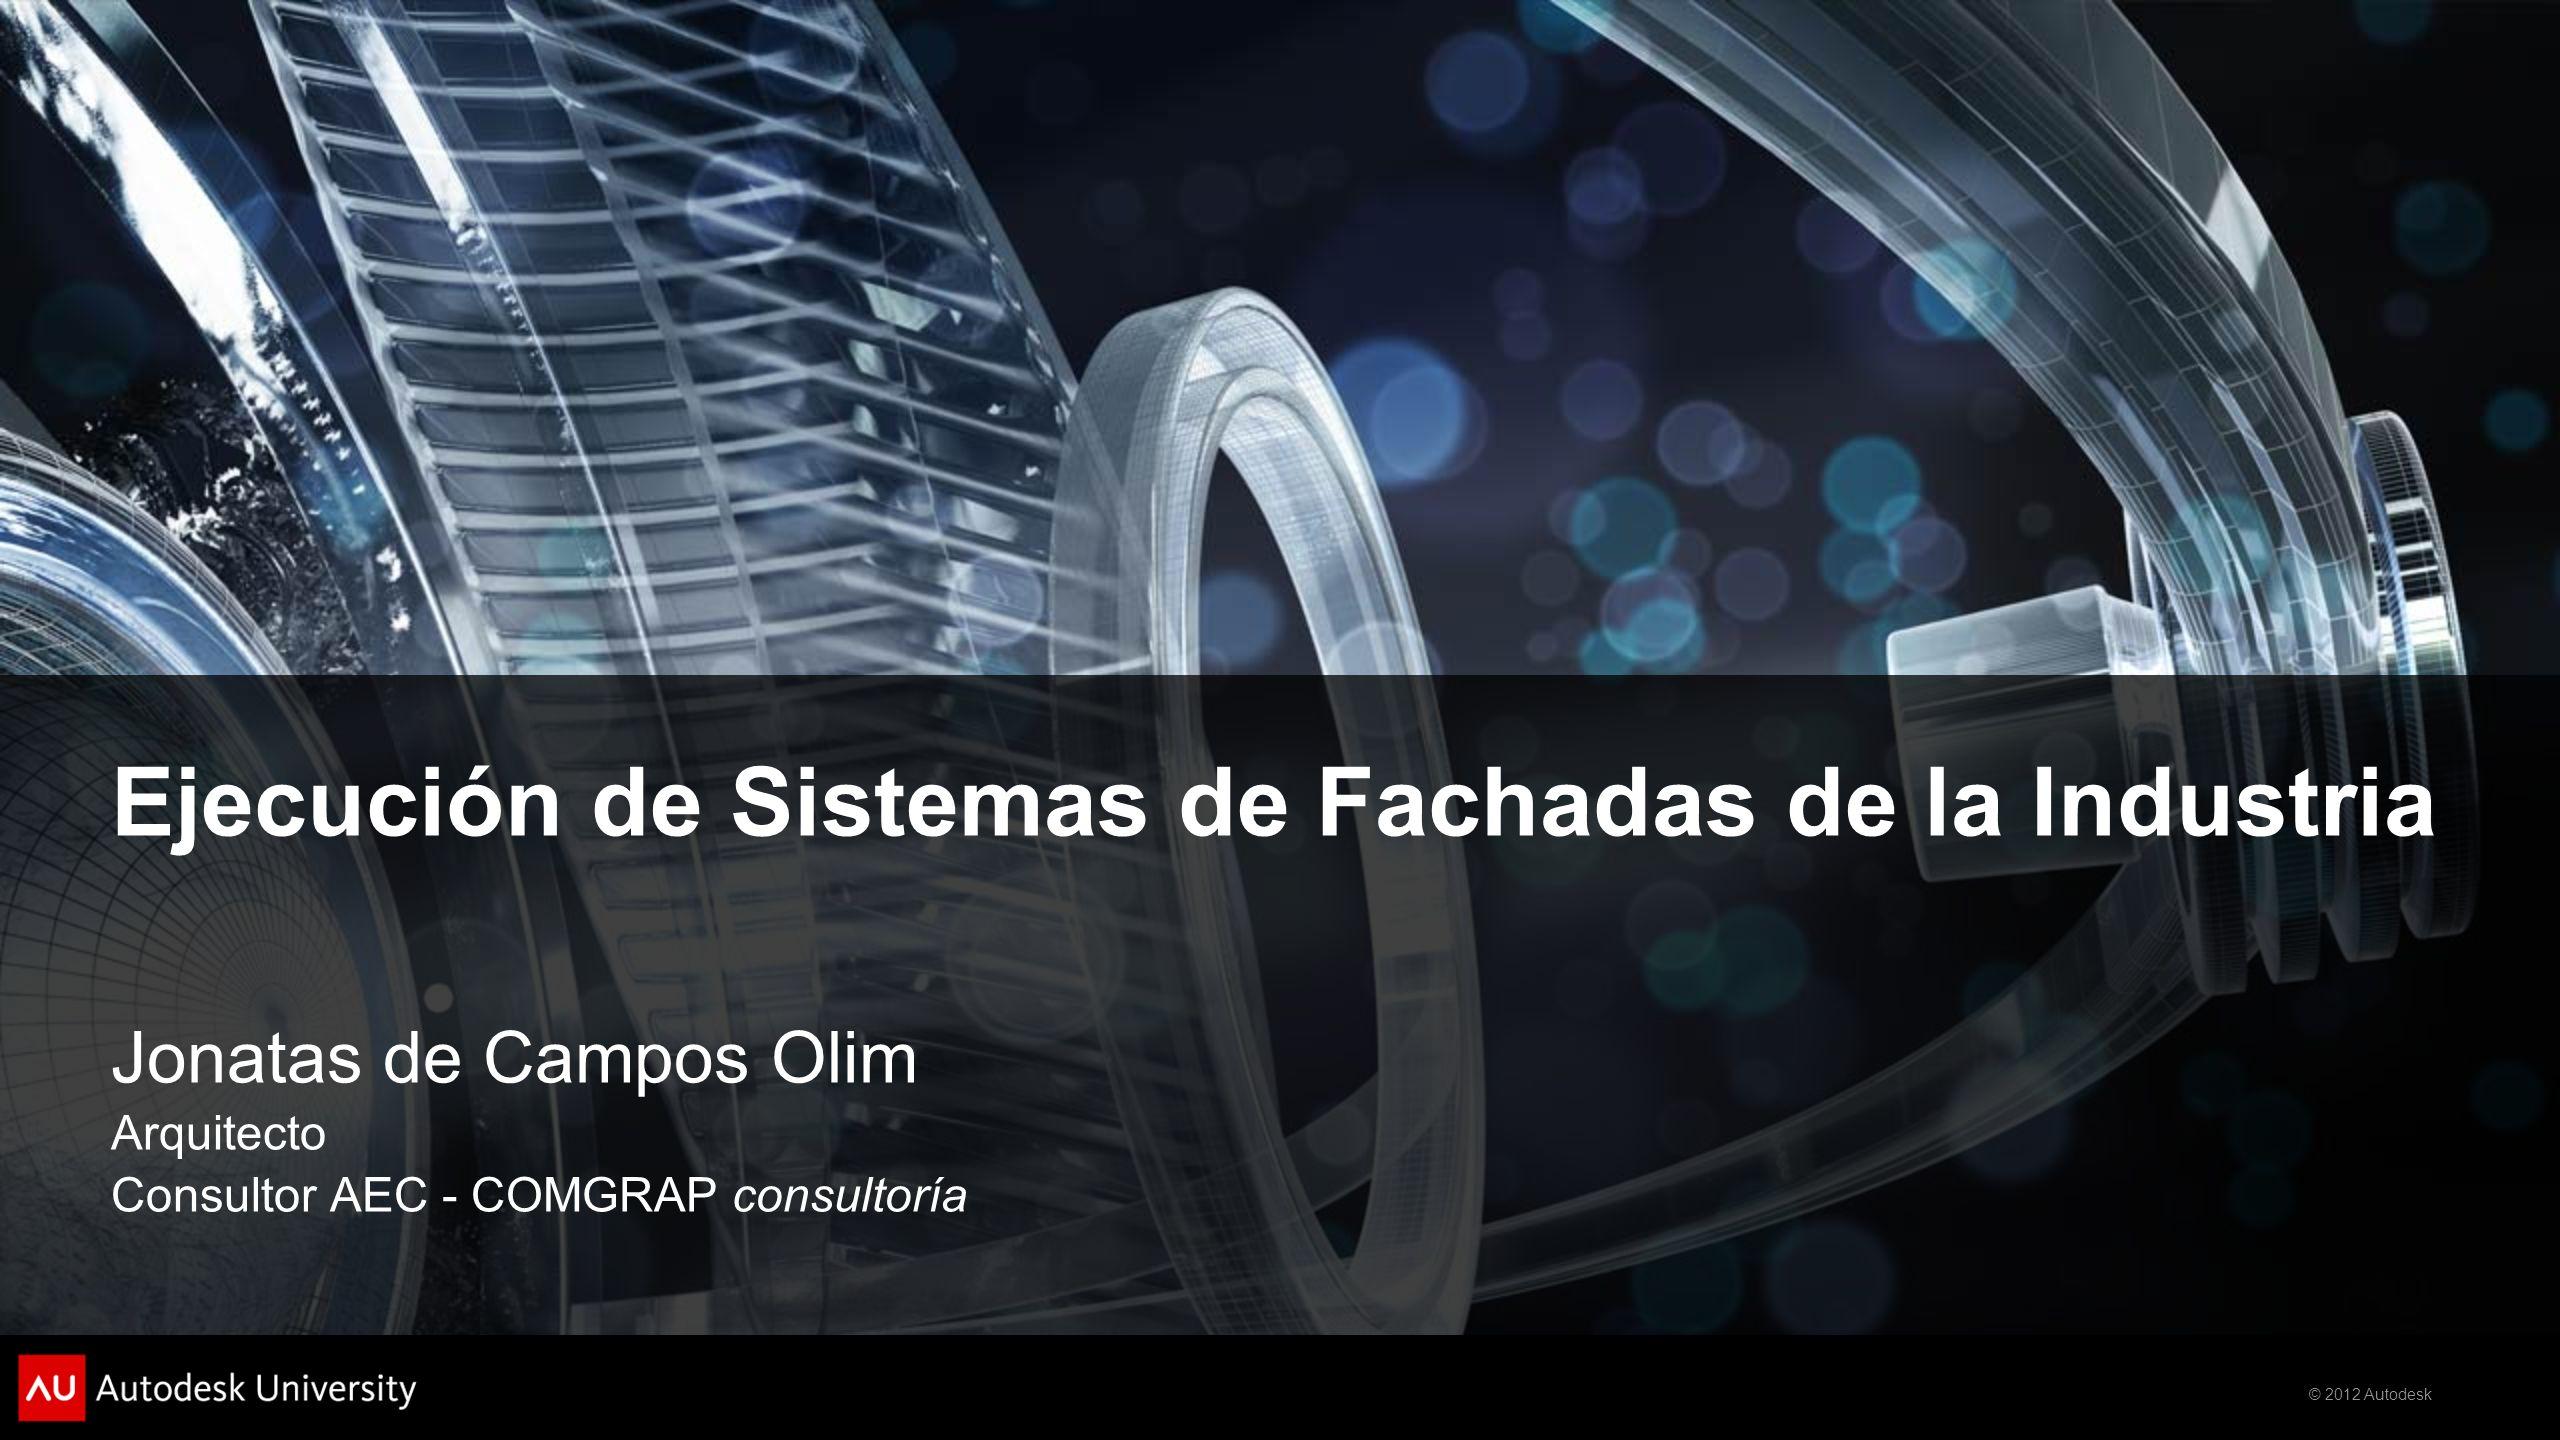 © 2012 Autodesk Jonatas de Campos Olim Arquitecto Consultor AEC - COMGRAP consultoría